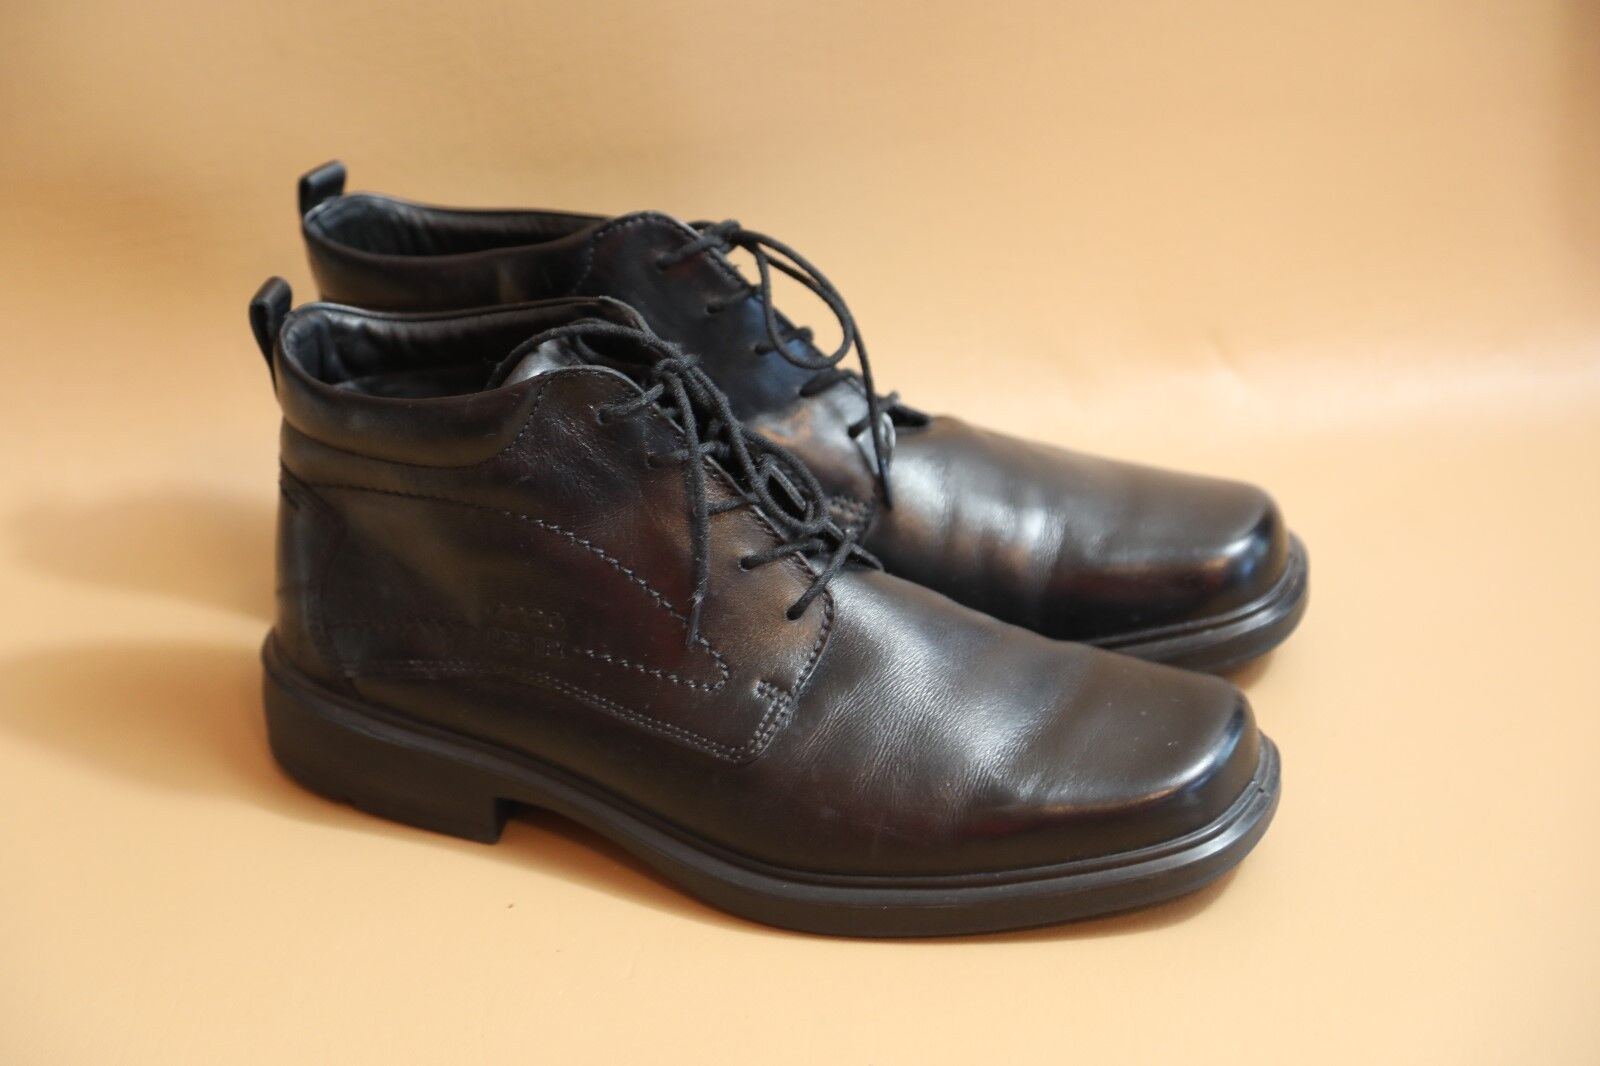 64 ECCO Black Gore-Tex Boots Size 46